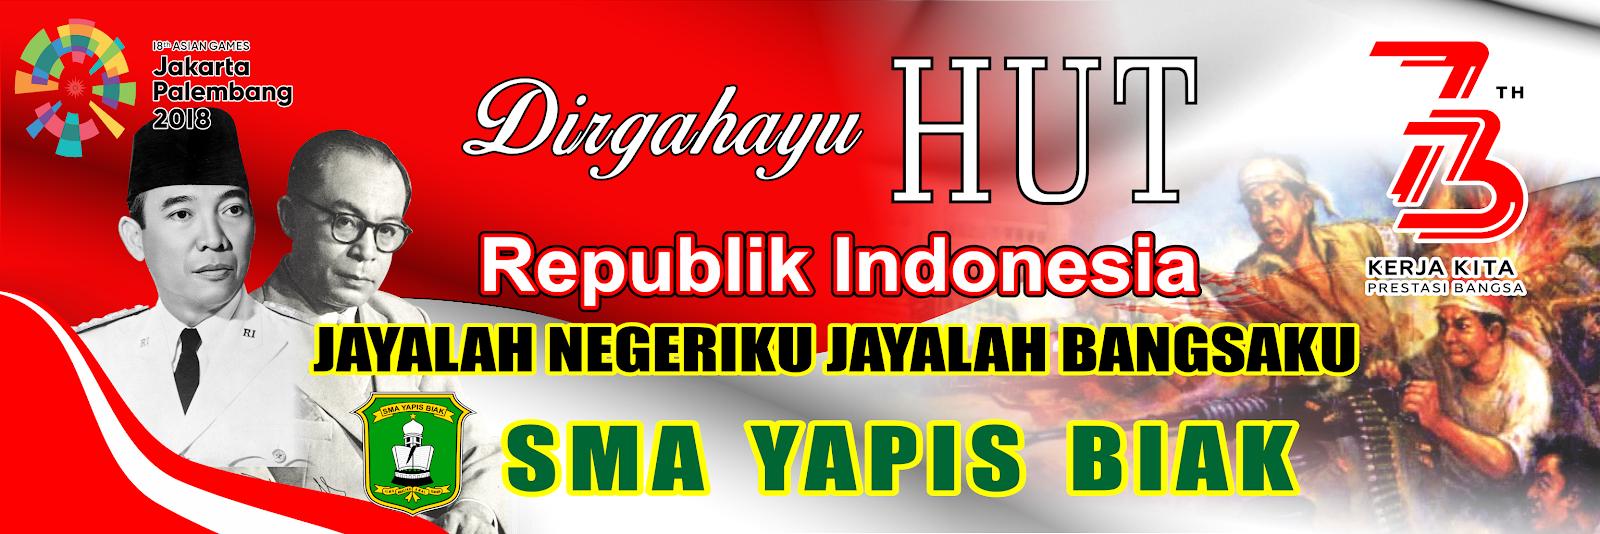 Spanduk Dirgahayu HUT RI Ke 73 Tahun 2018 CDR Free